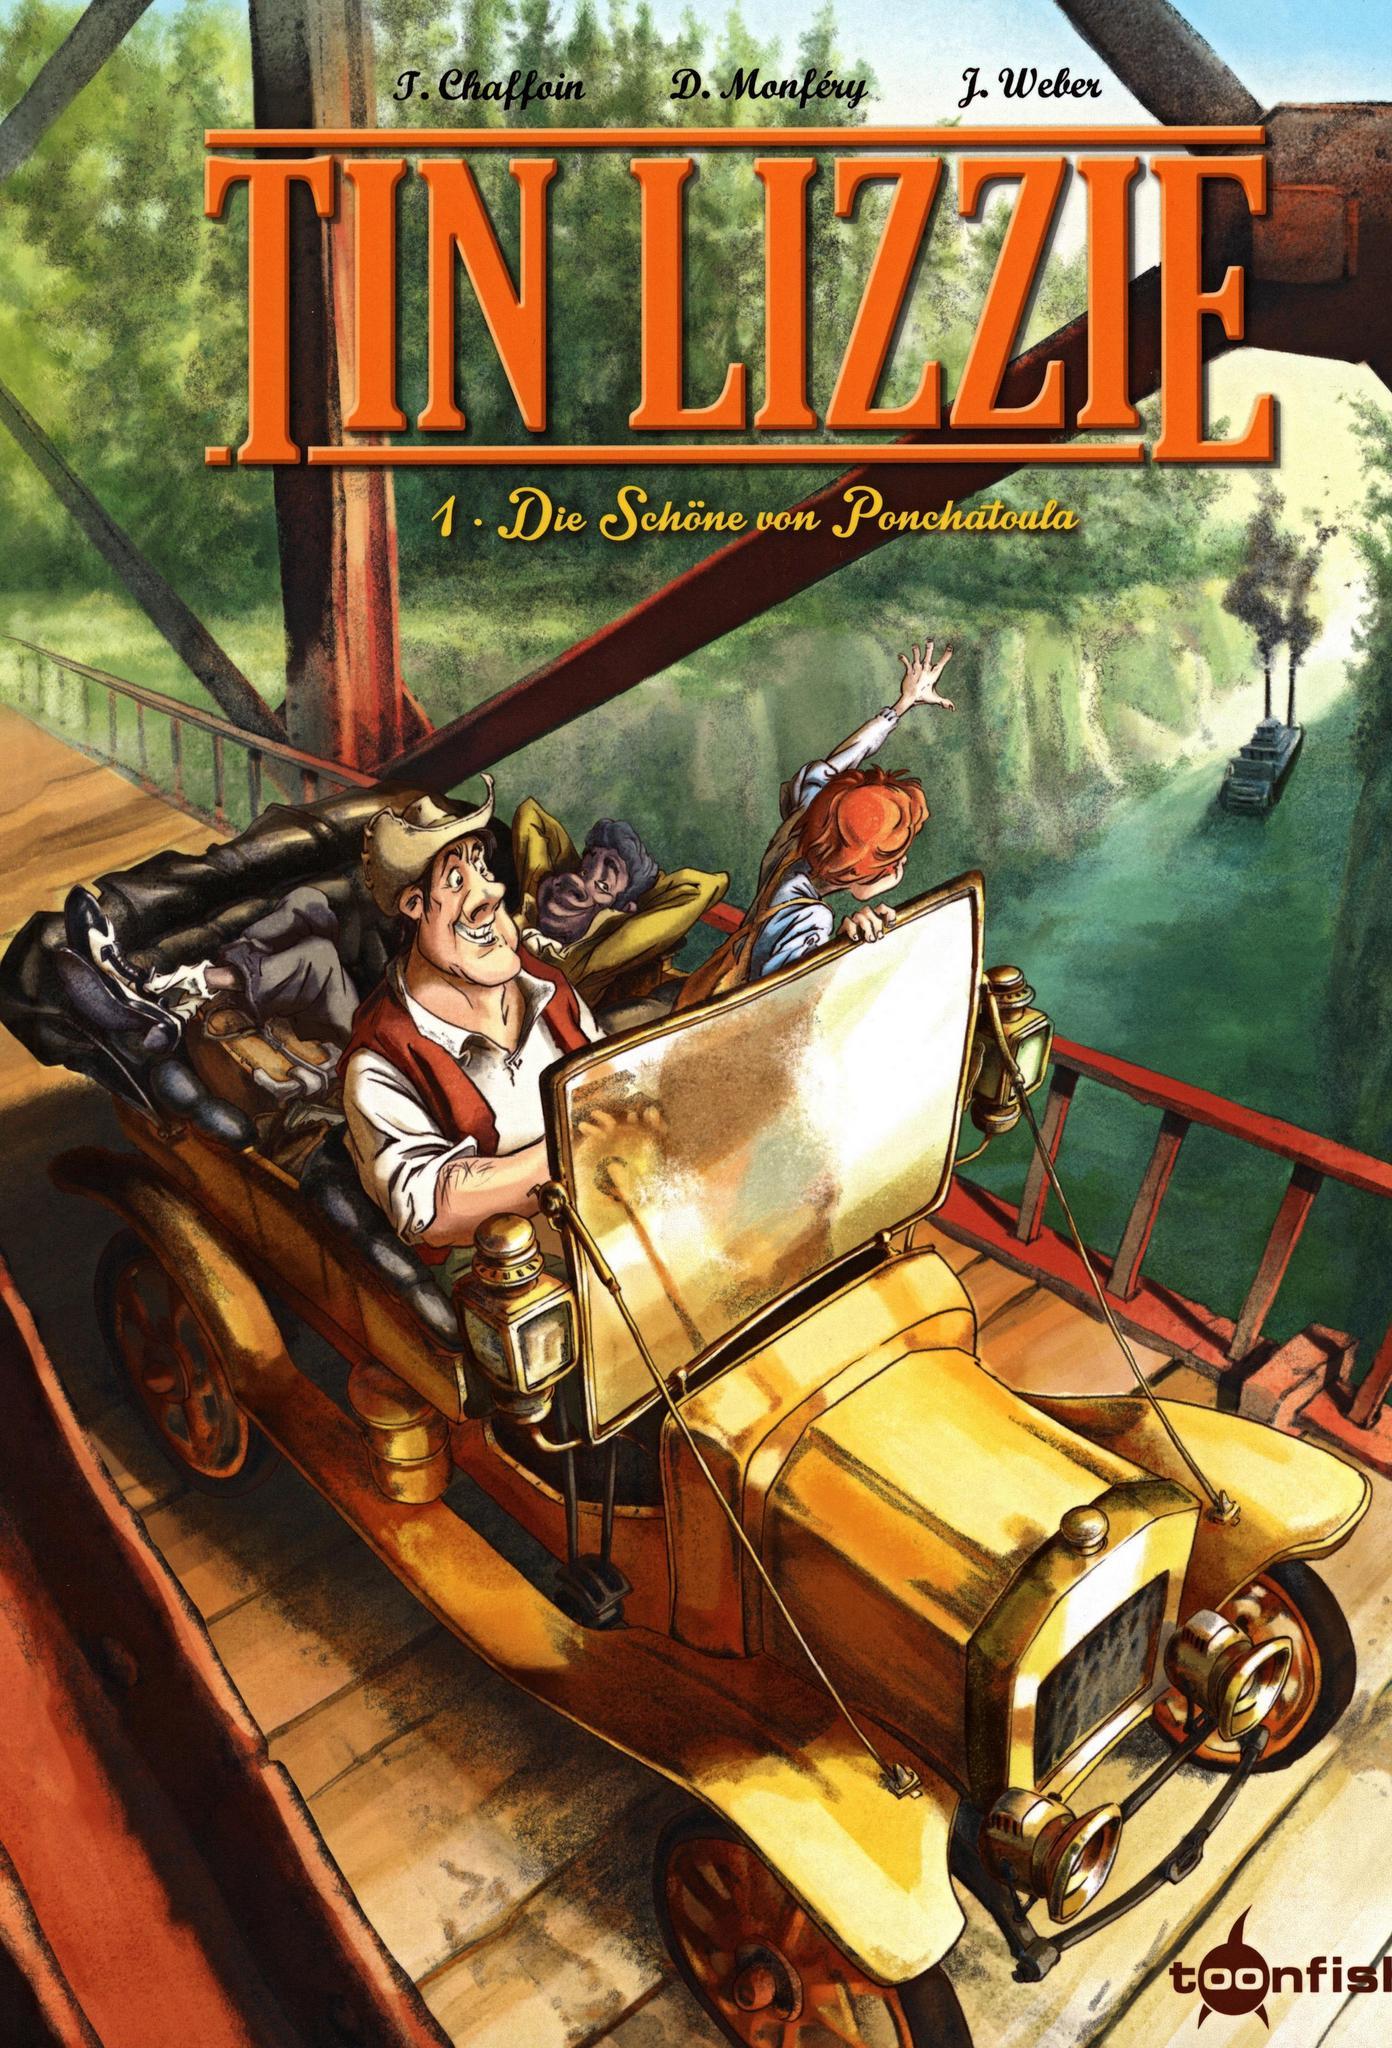 Tin Lizzie (2016) - komplett